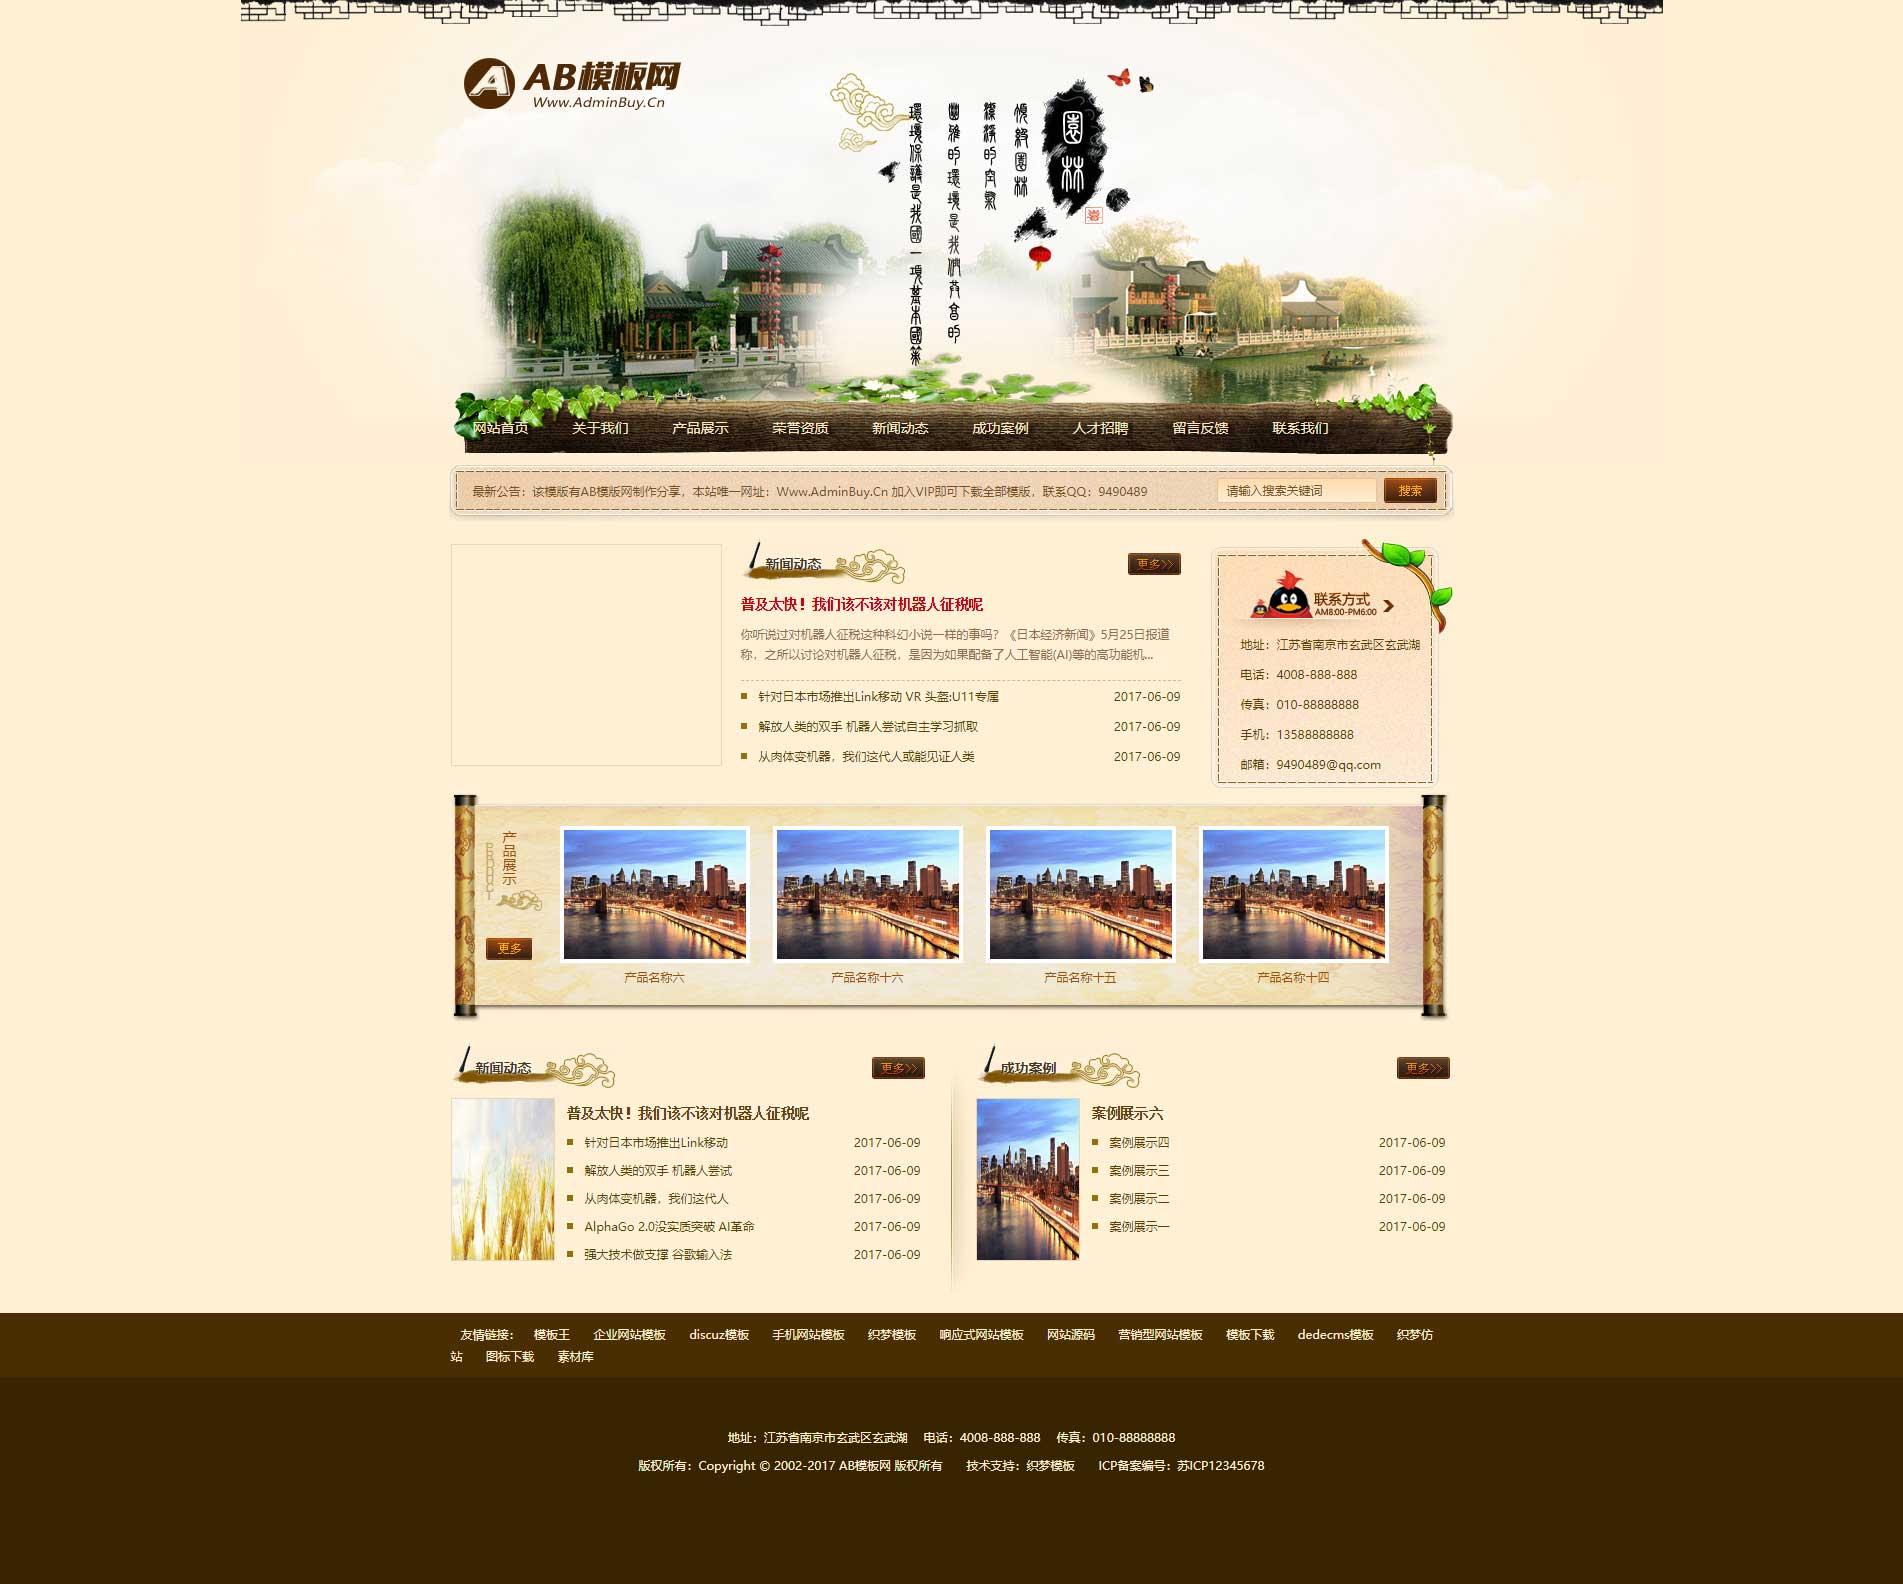 鹤云资源博客-园林景观设计企业网站织梦dede模板源码[自适应手机版]插图